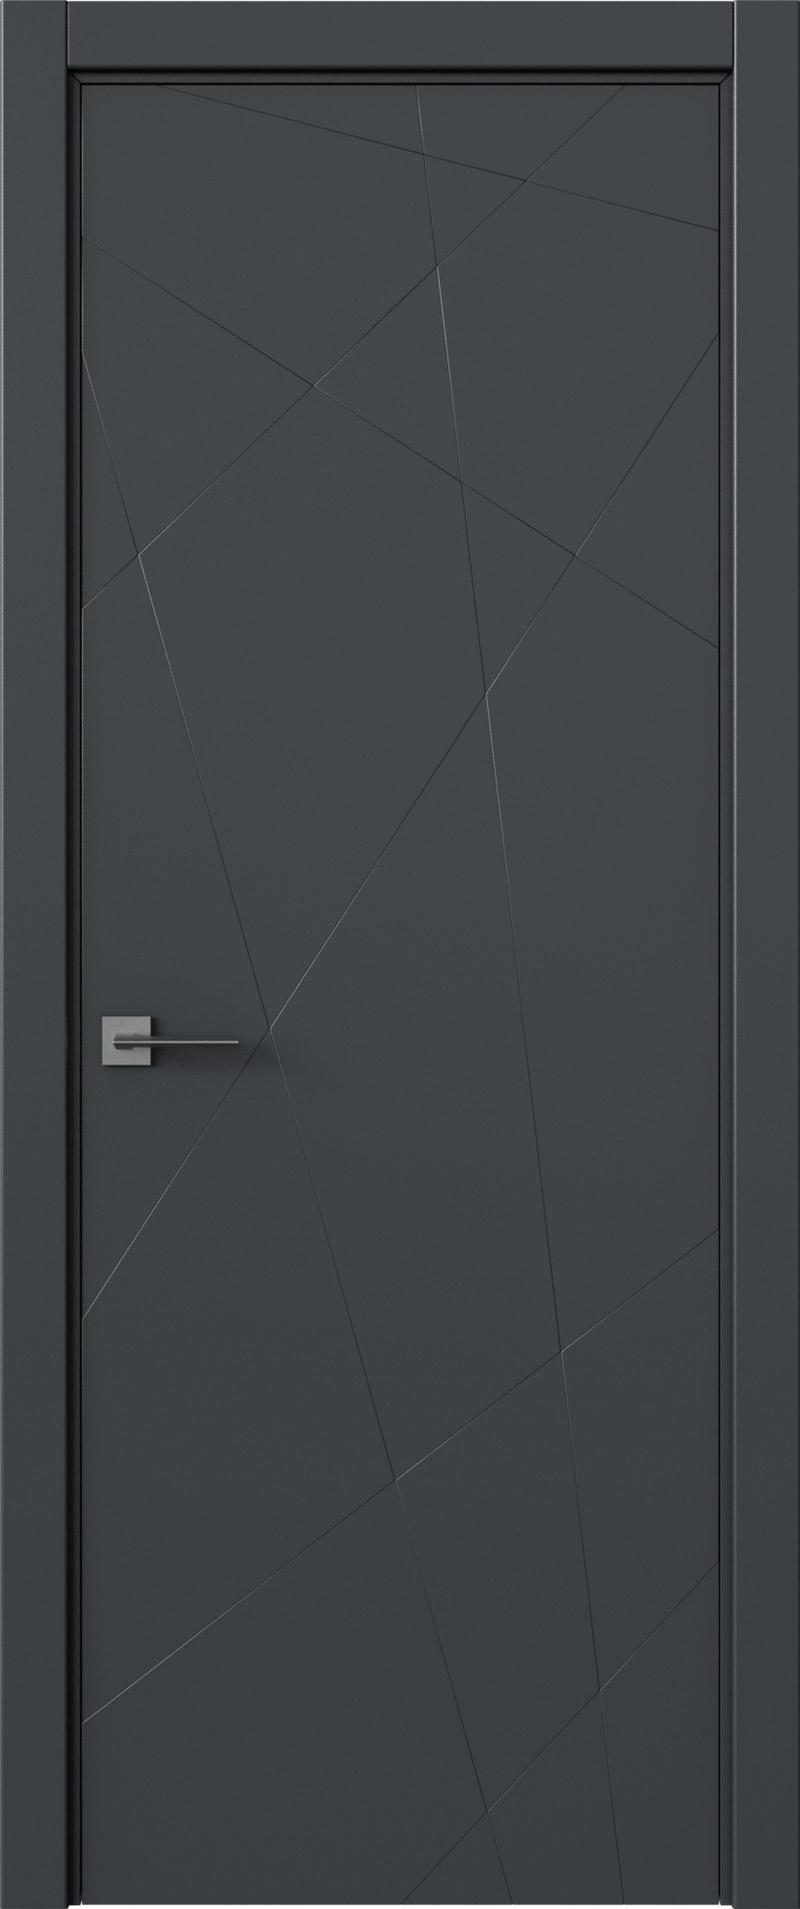 Tivoli В-5 цвет - Графитово-серая эмаль (RAL 7024) Без стекла (ДГ)